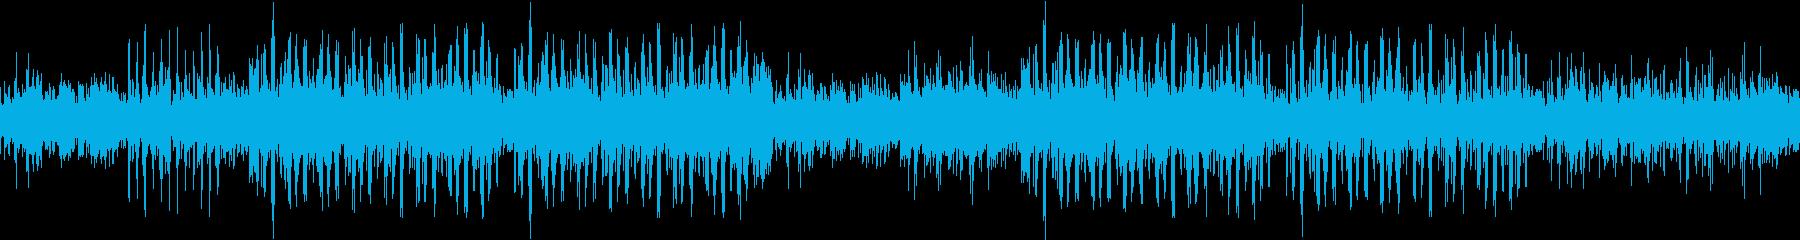 映画・幻想的・お洒落・ピアノサウンドの再生済みの波形